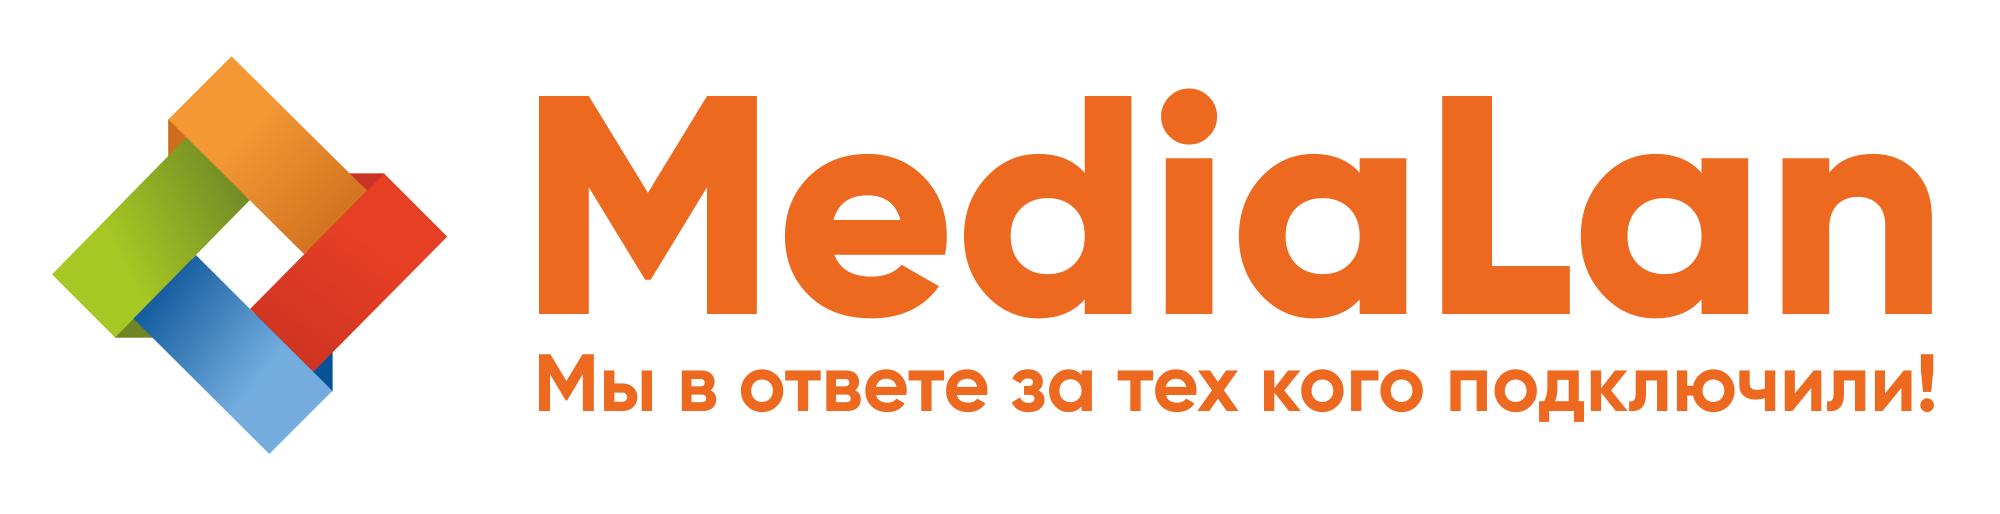 Логотип МедиаЛан